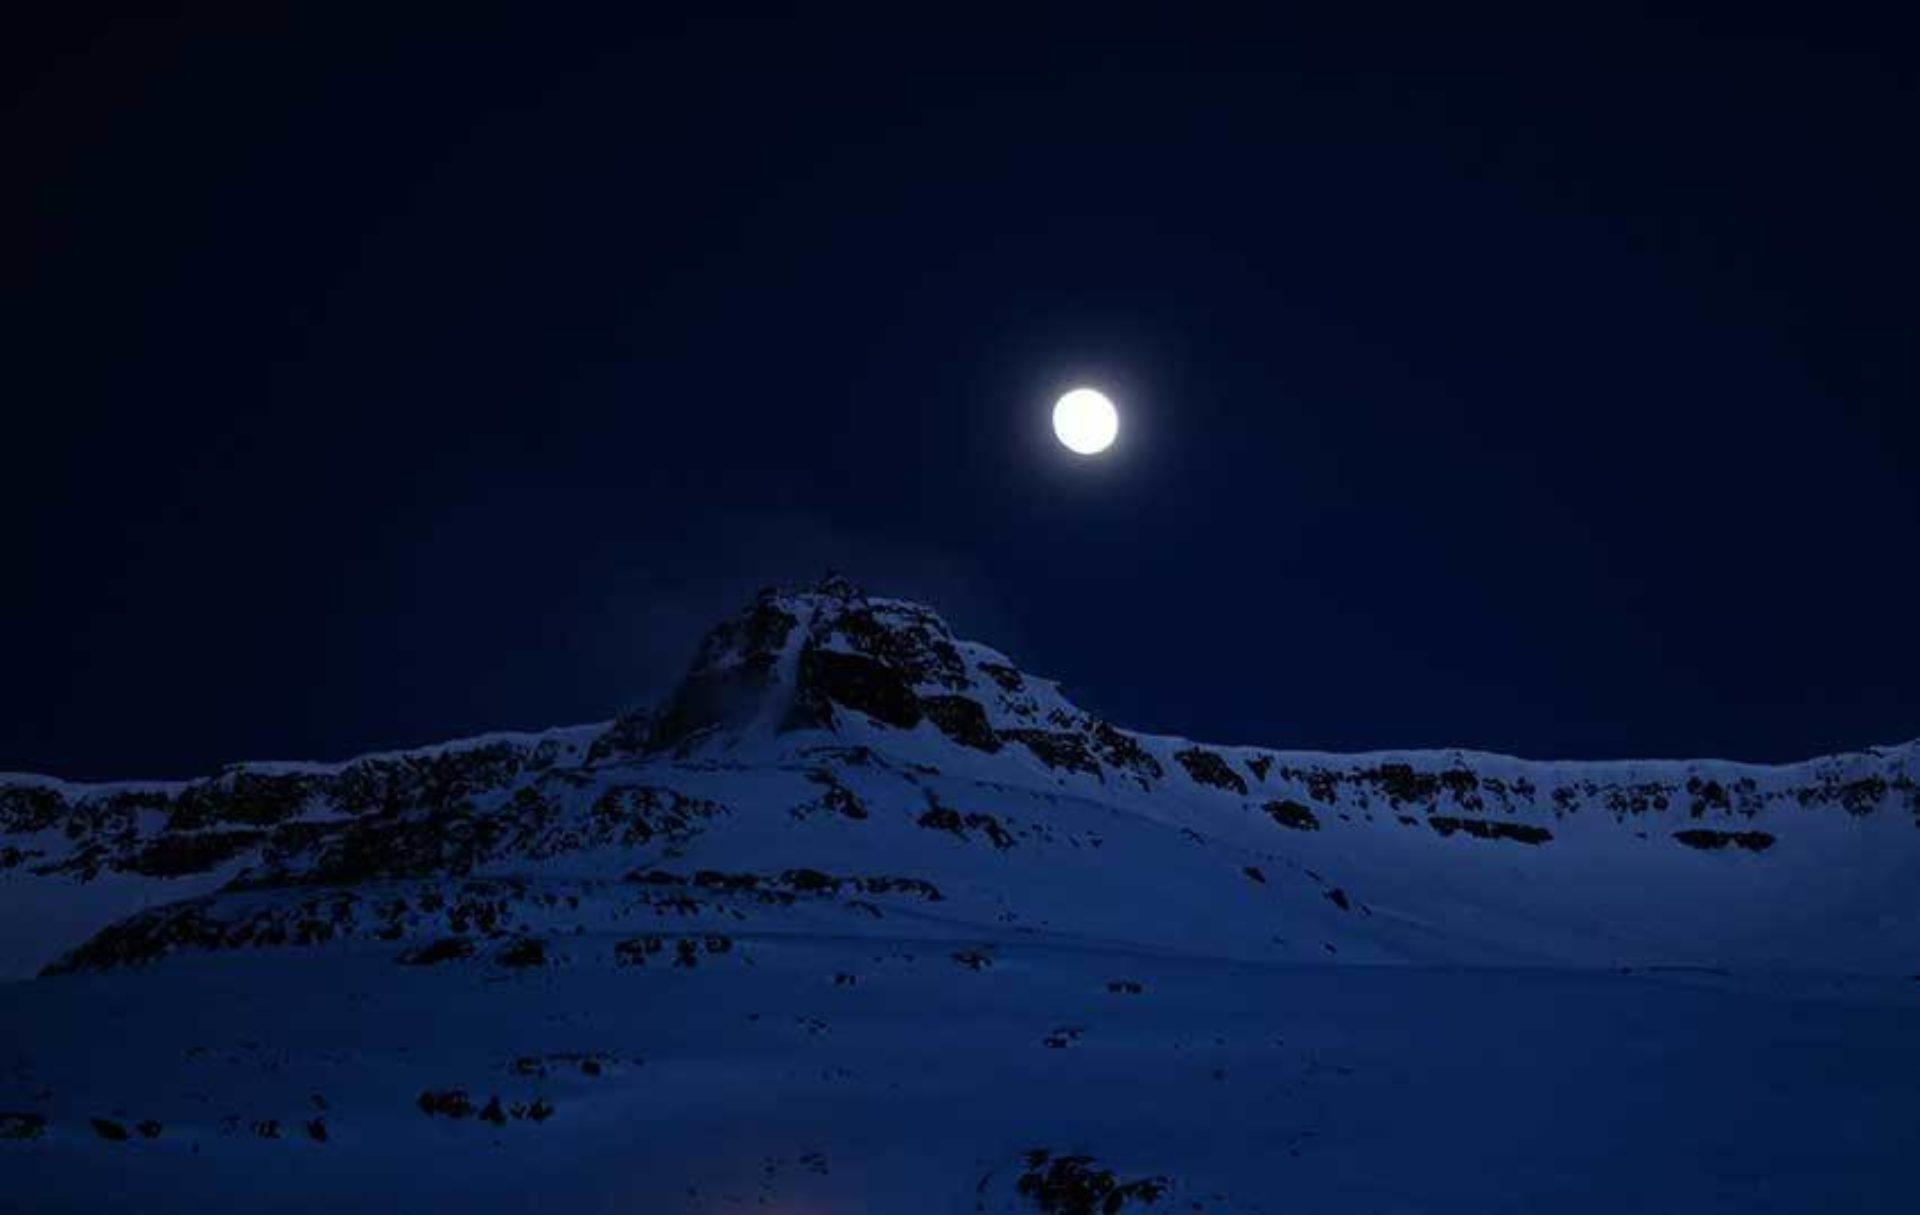 De laatste Volle Maan van het jaar